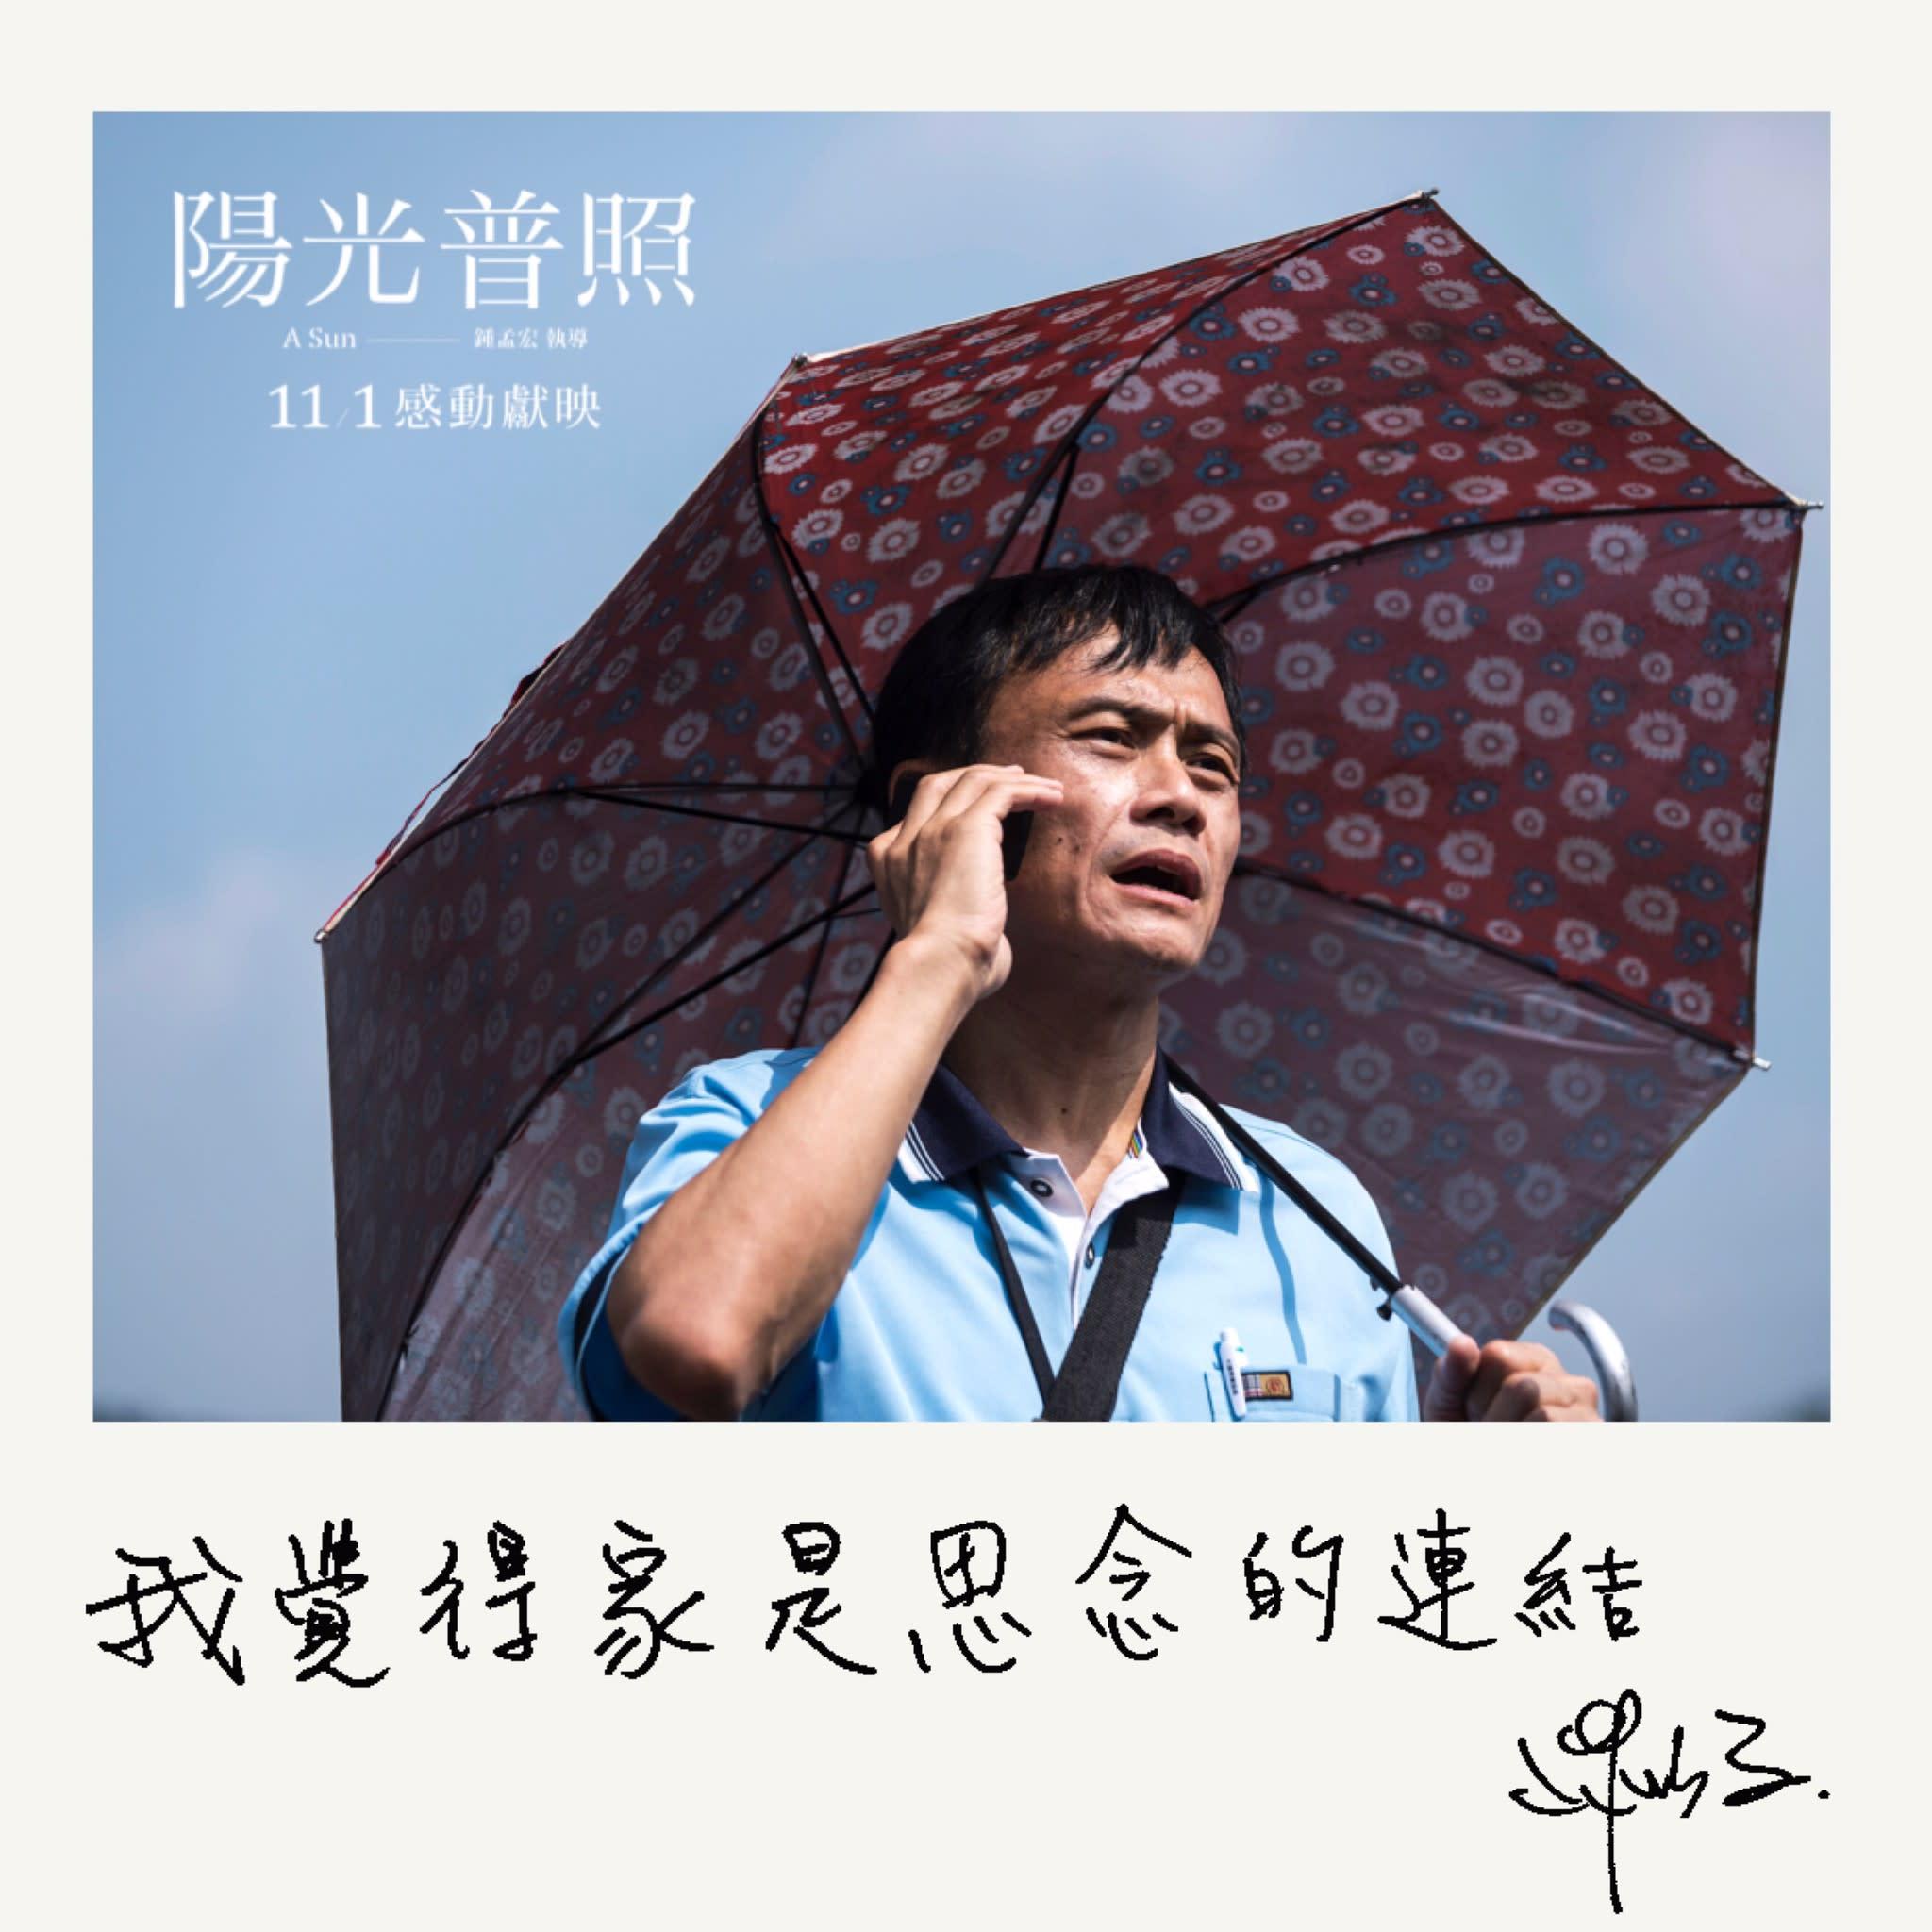 陳以文:我覺得家是思念的連結